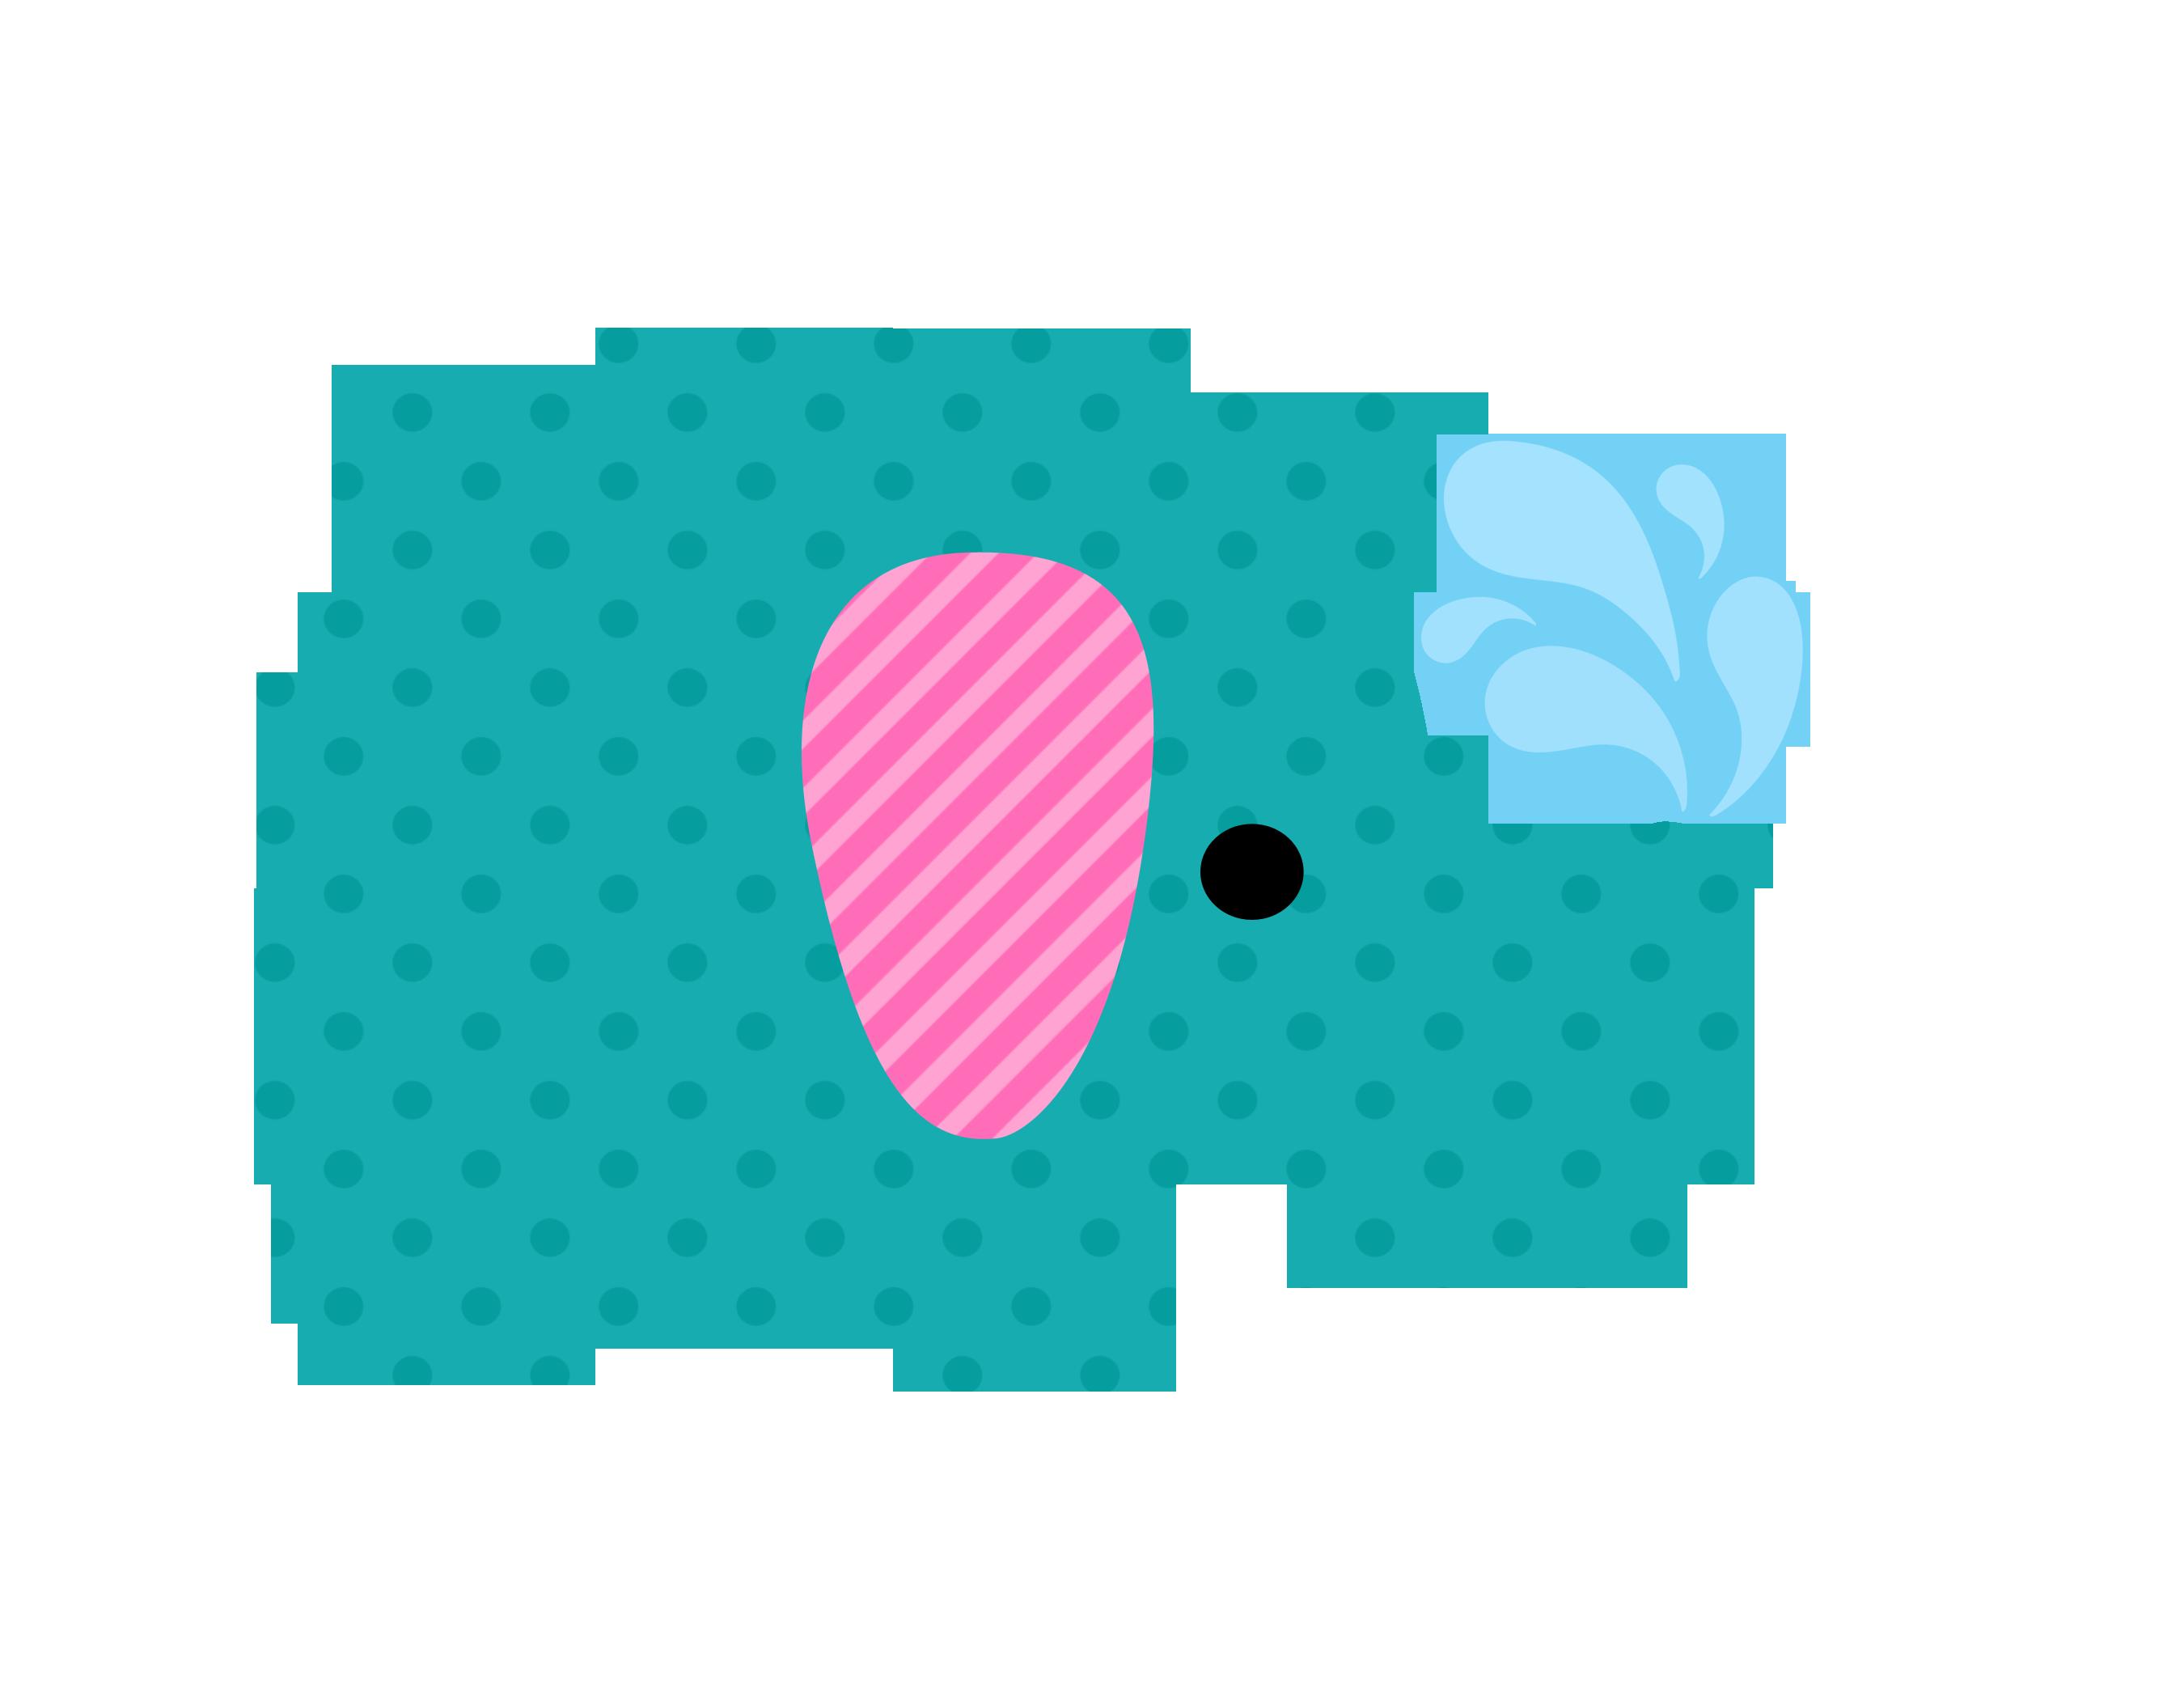 Resultado De Imagen Para Dibujo De Elefante Bebe Bebé Tatiallitan